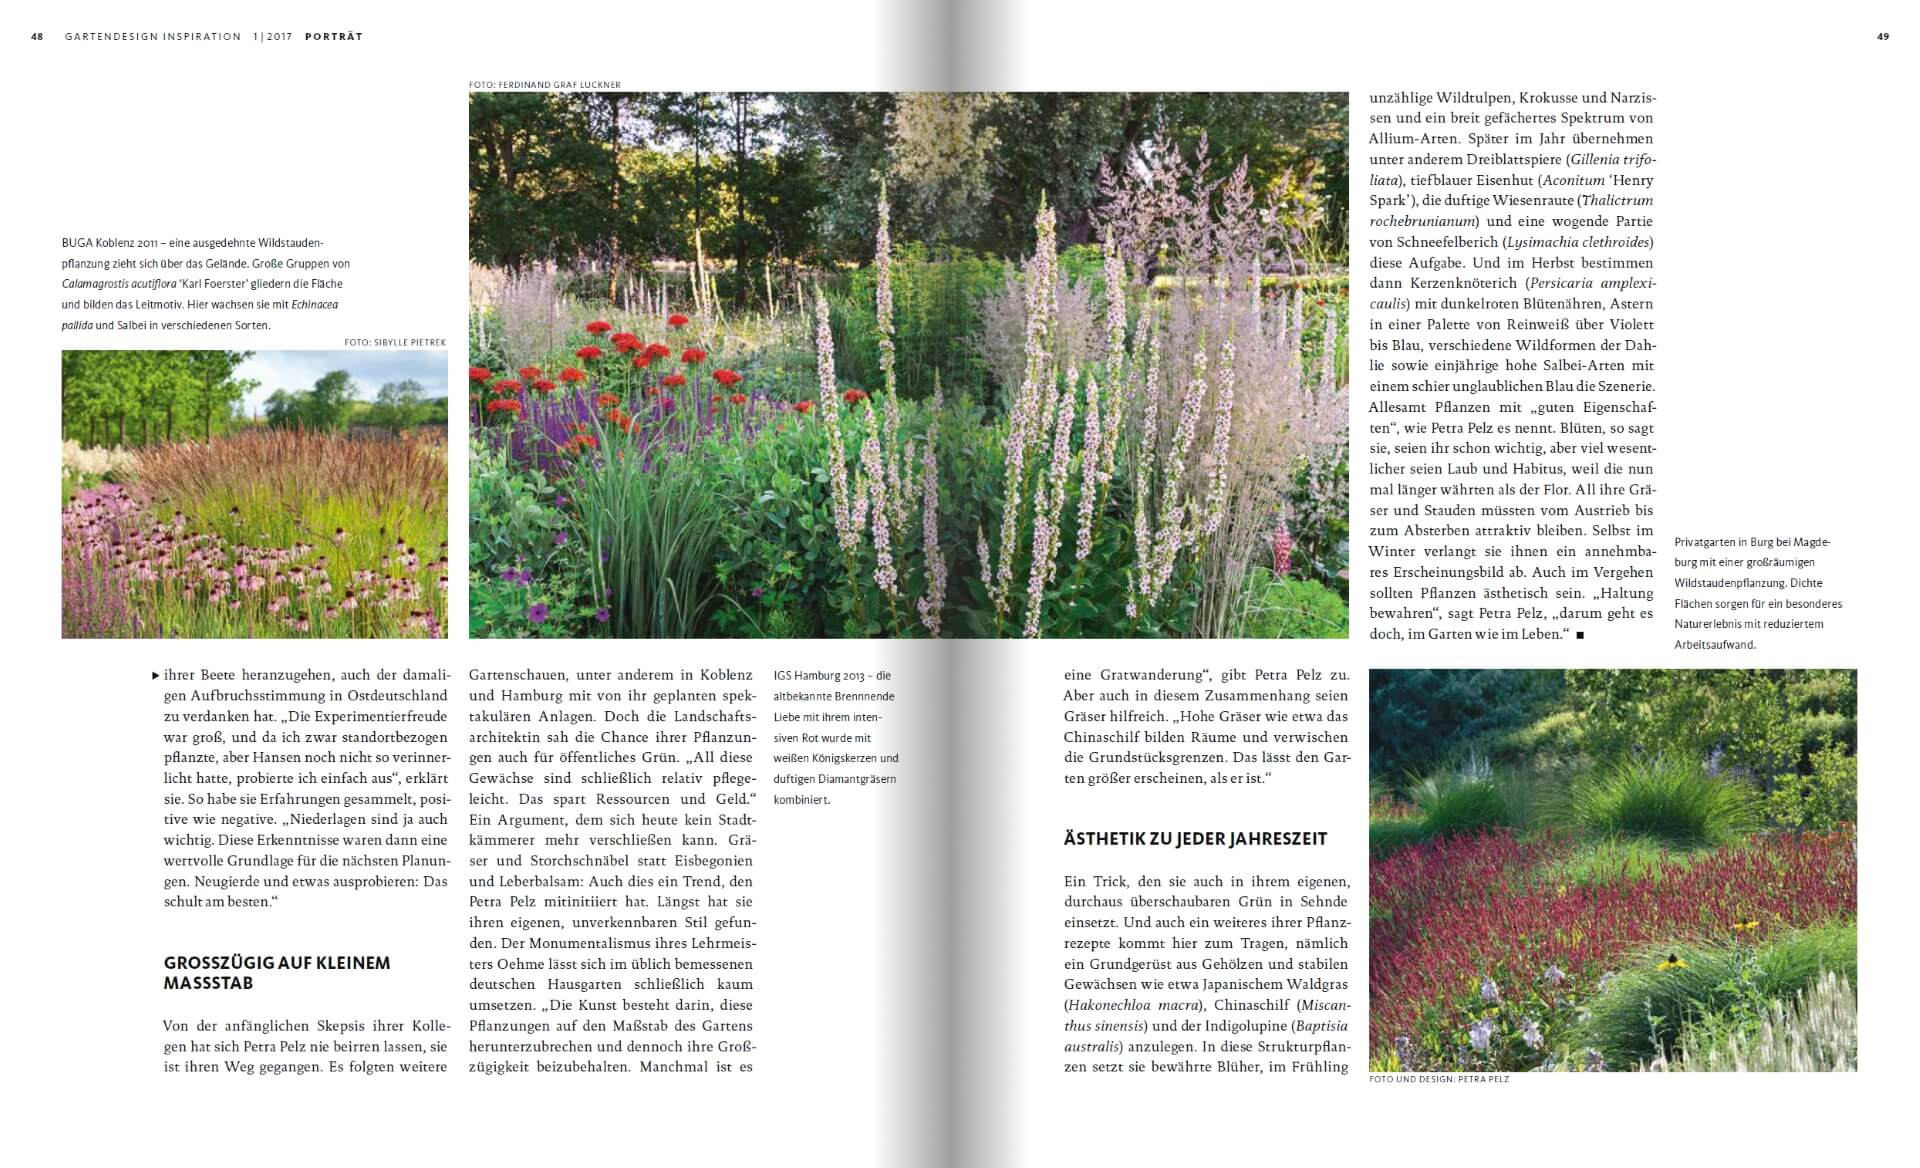 GARTENDESIGN INSPIRATION 1/2017: Naturalistische Gartengestaltung